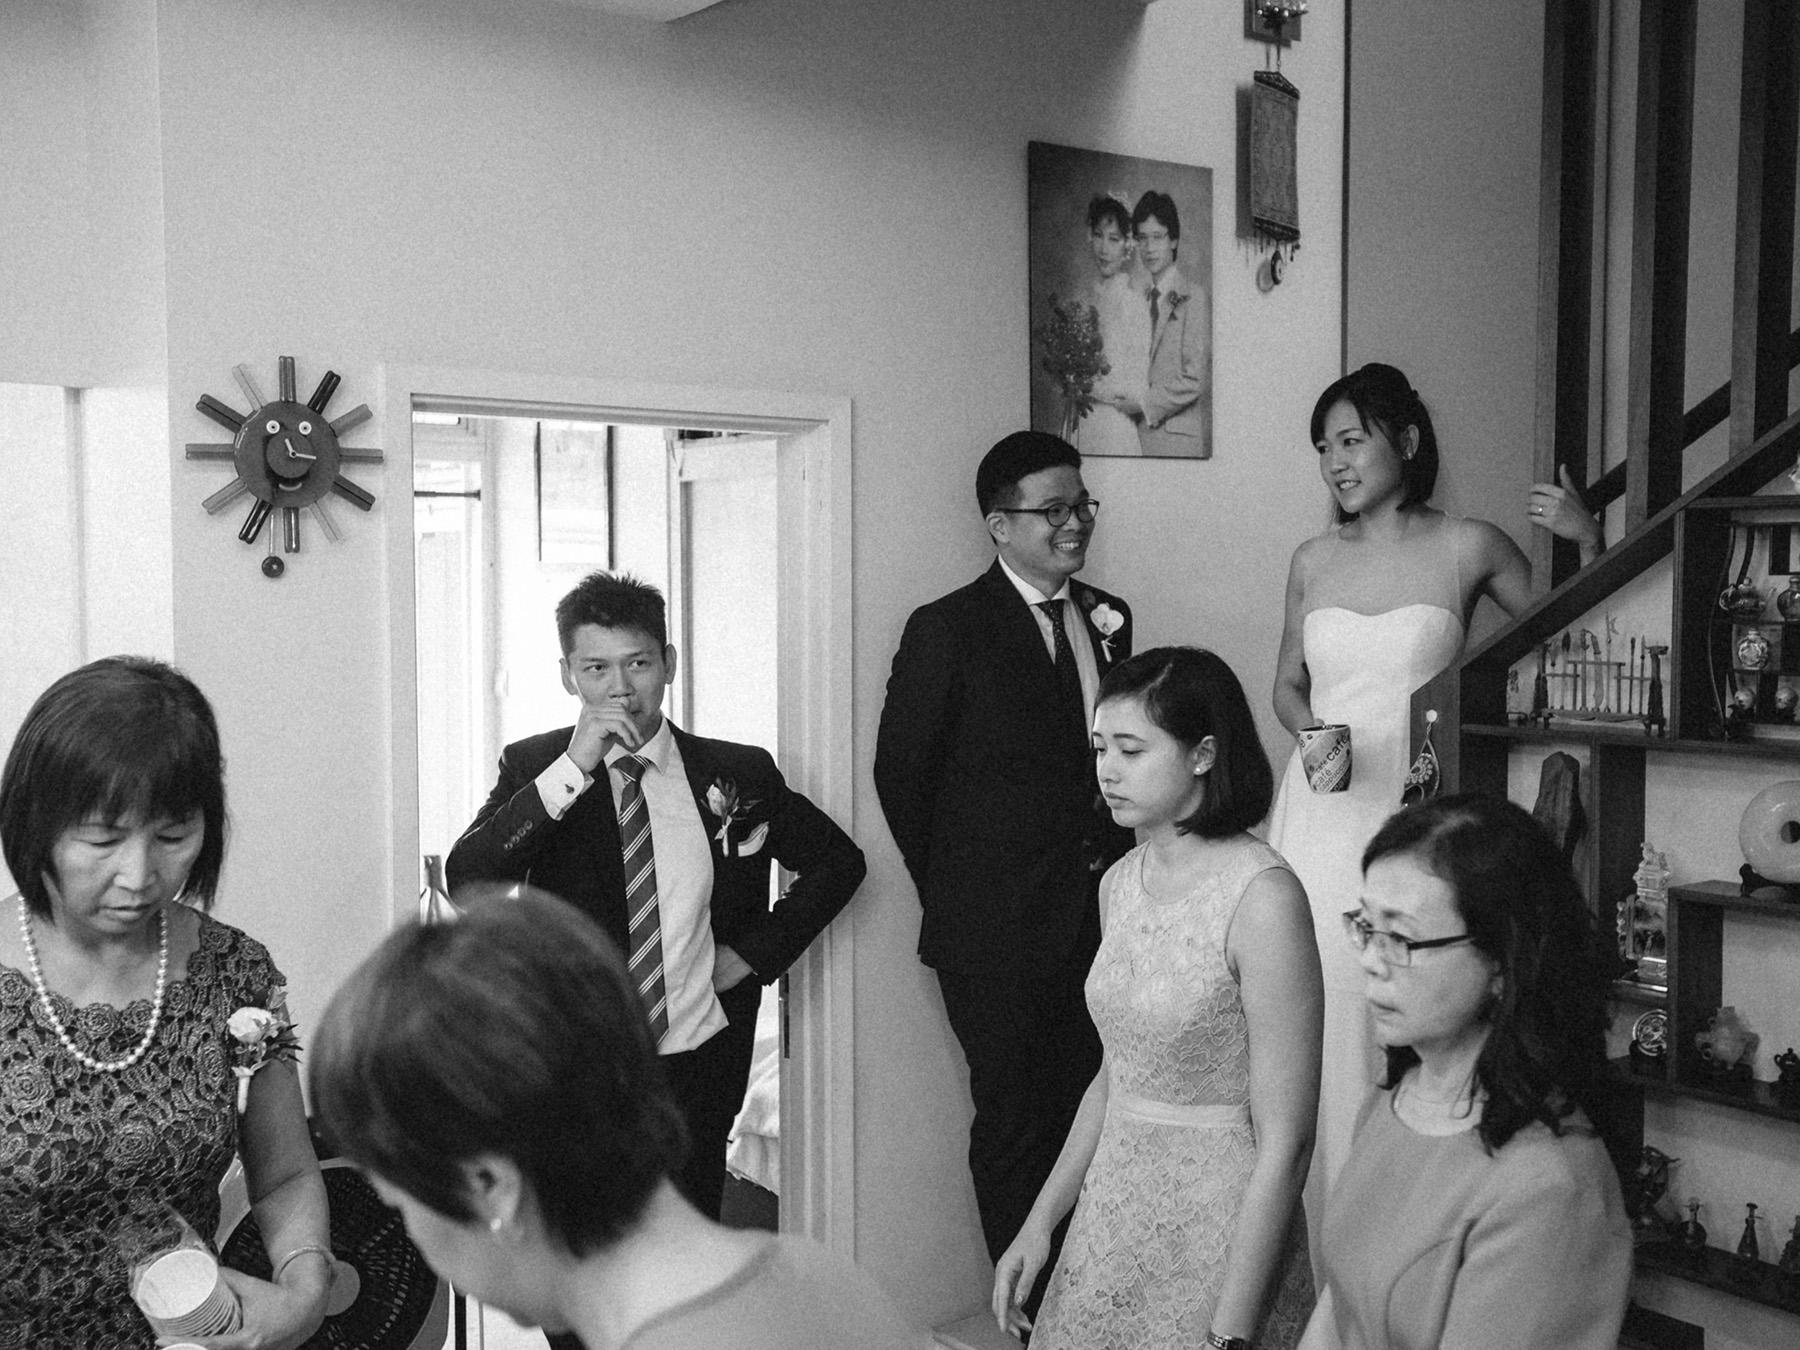 singapore-wedding-photographer-wemadethese-bw-002.jpg